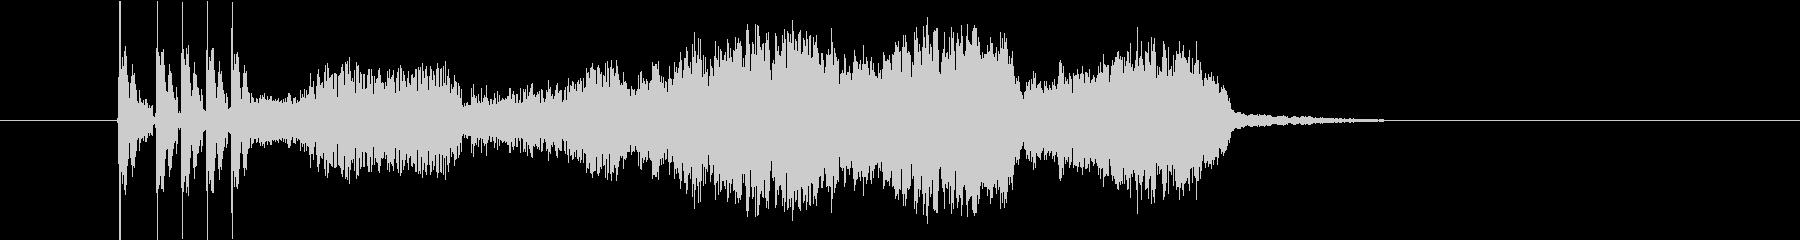 スパイススライスバージョン11の未再生の波形